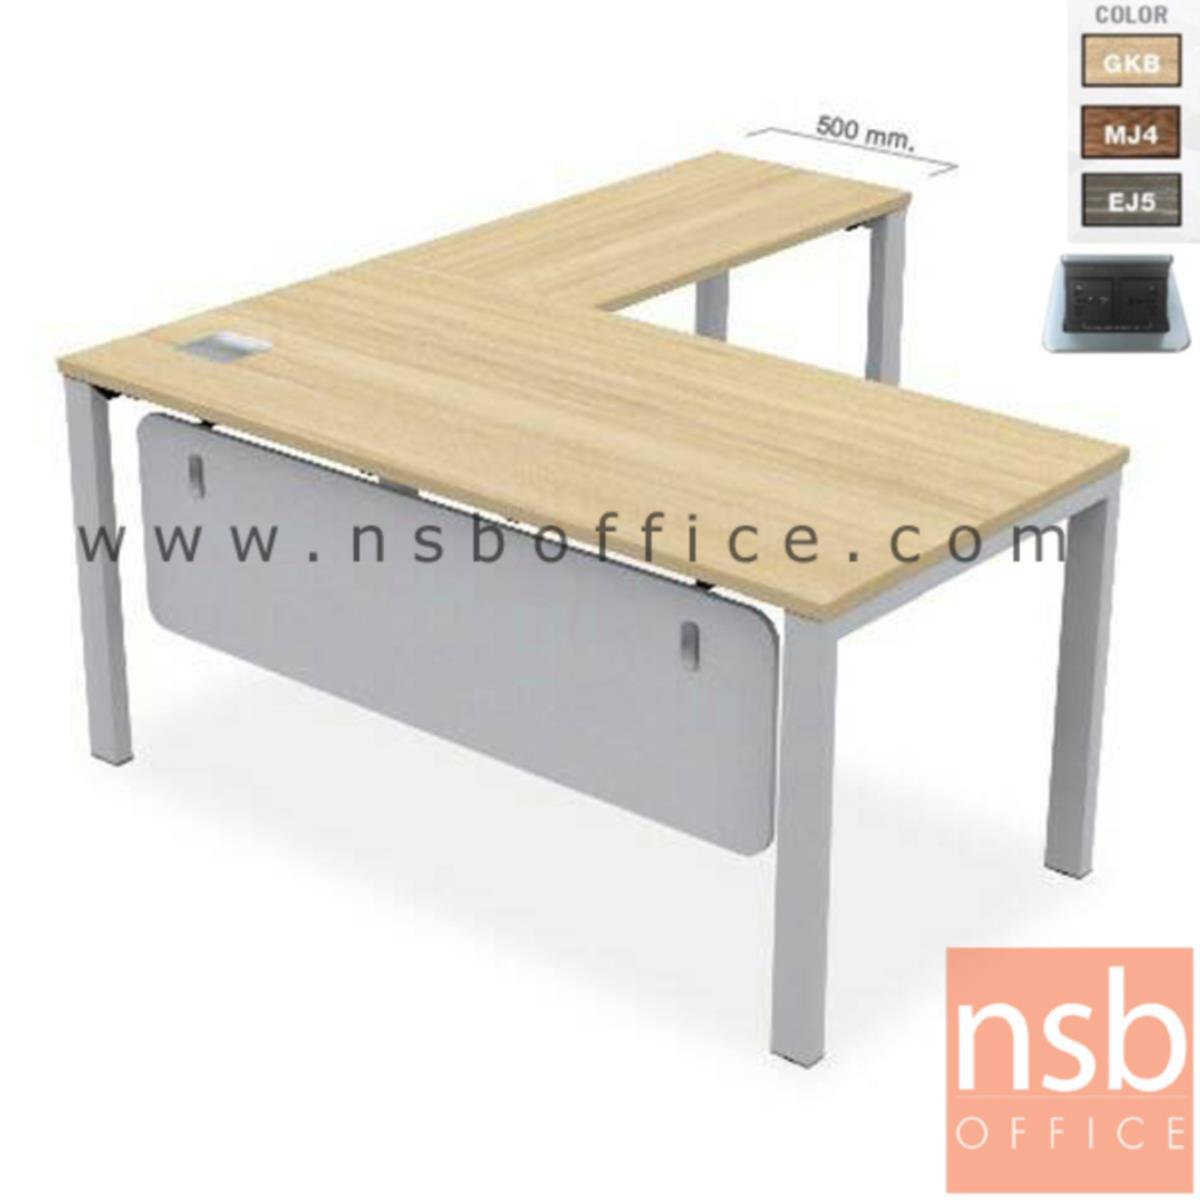 A16A066:โต๊ะทำงานตัวแอล  รุ่น TYN-1616  ขนาด 160W cm. พร้อมป็อบอัพ ขาเหล็ก